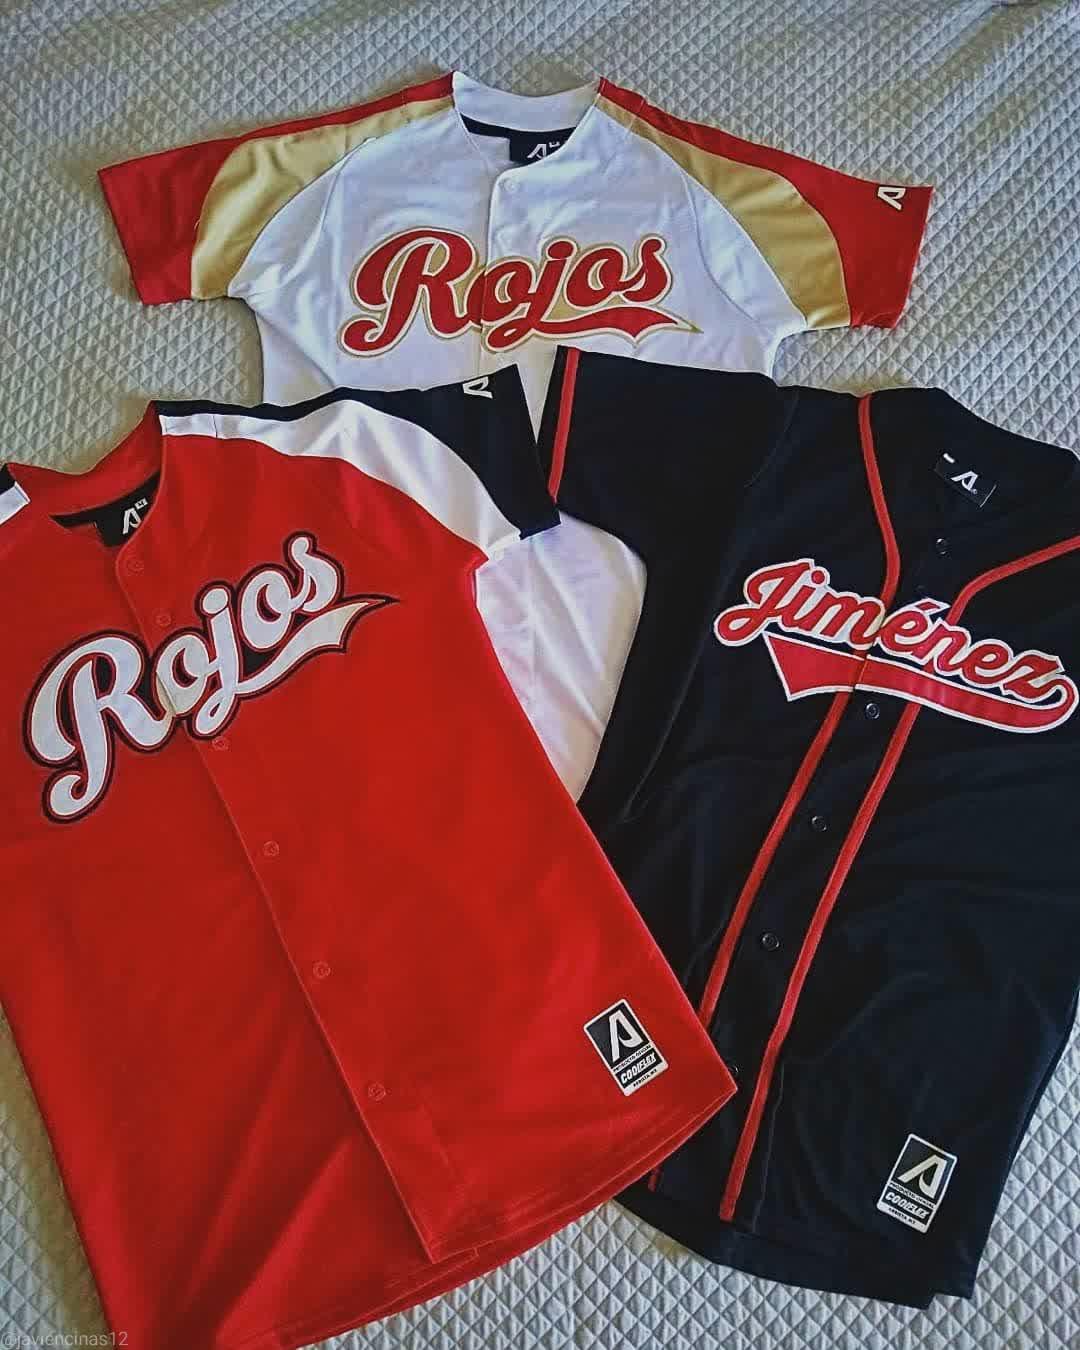 uniforme-rojos-jimenez-2021-beisbol-chihuahua